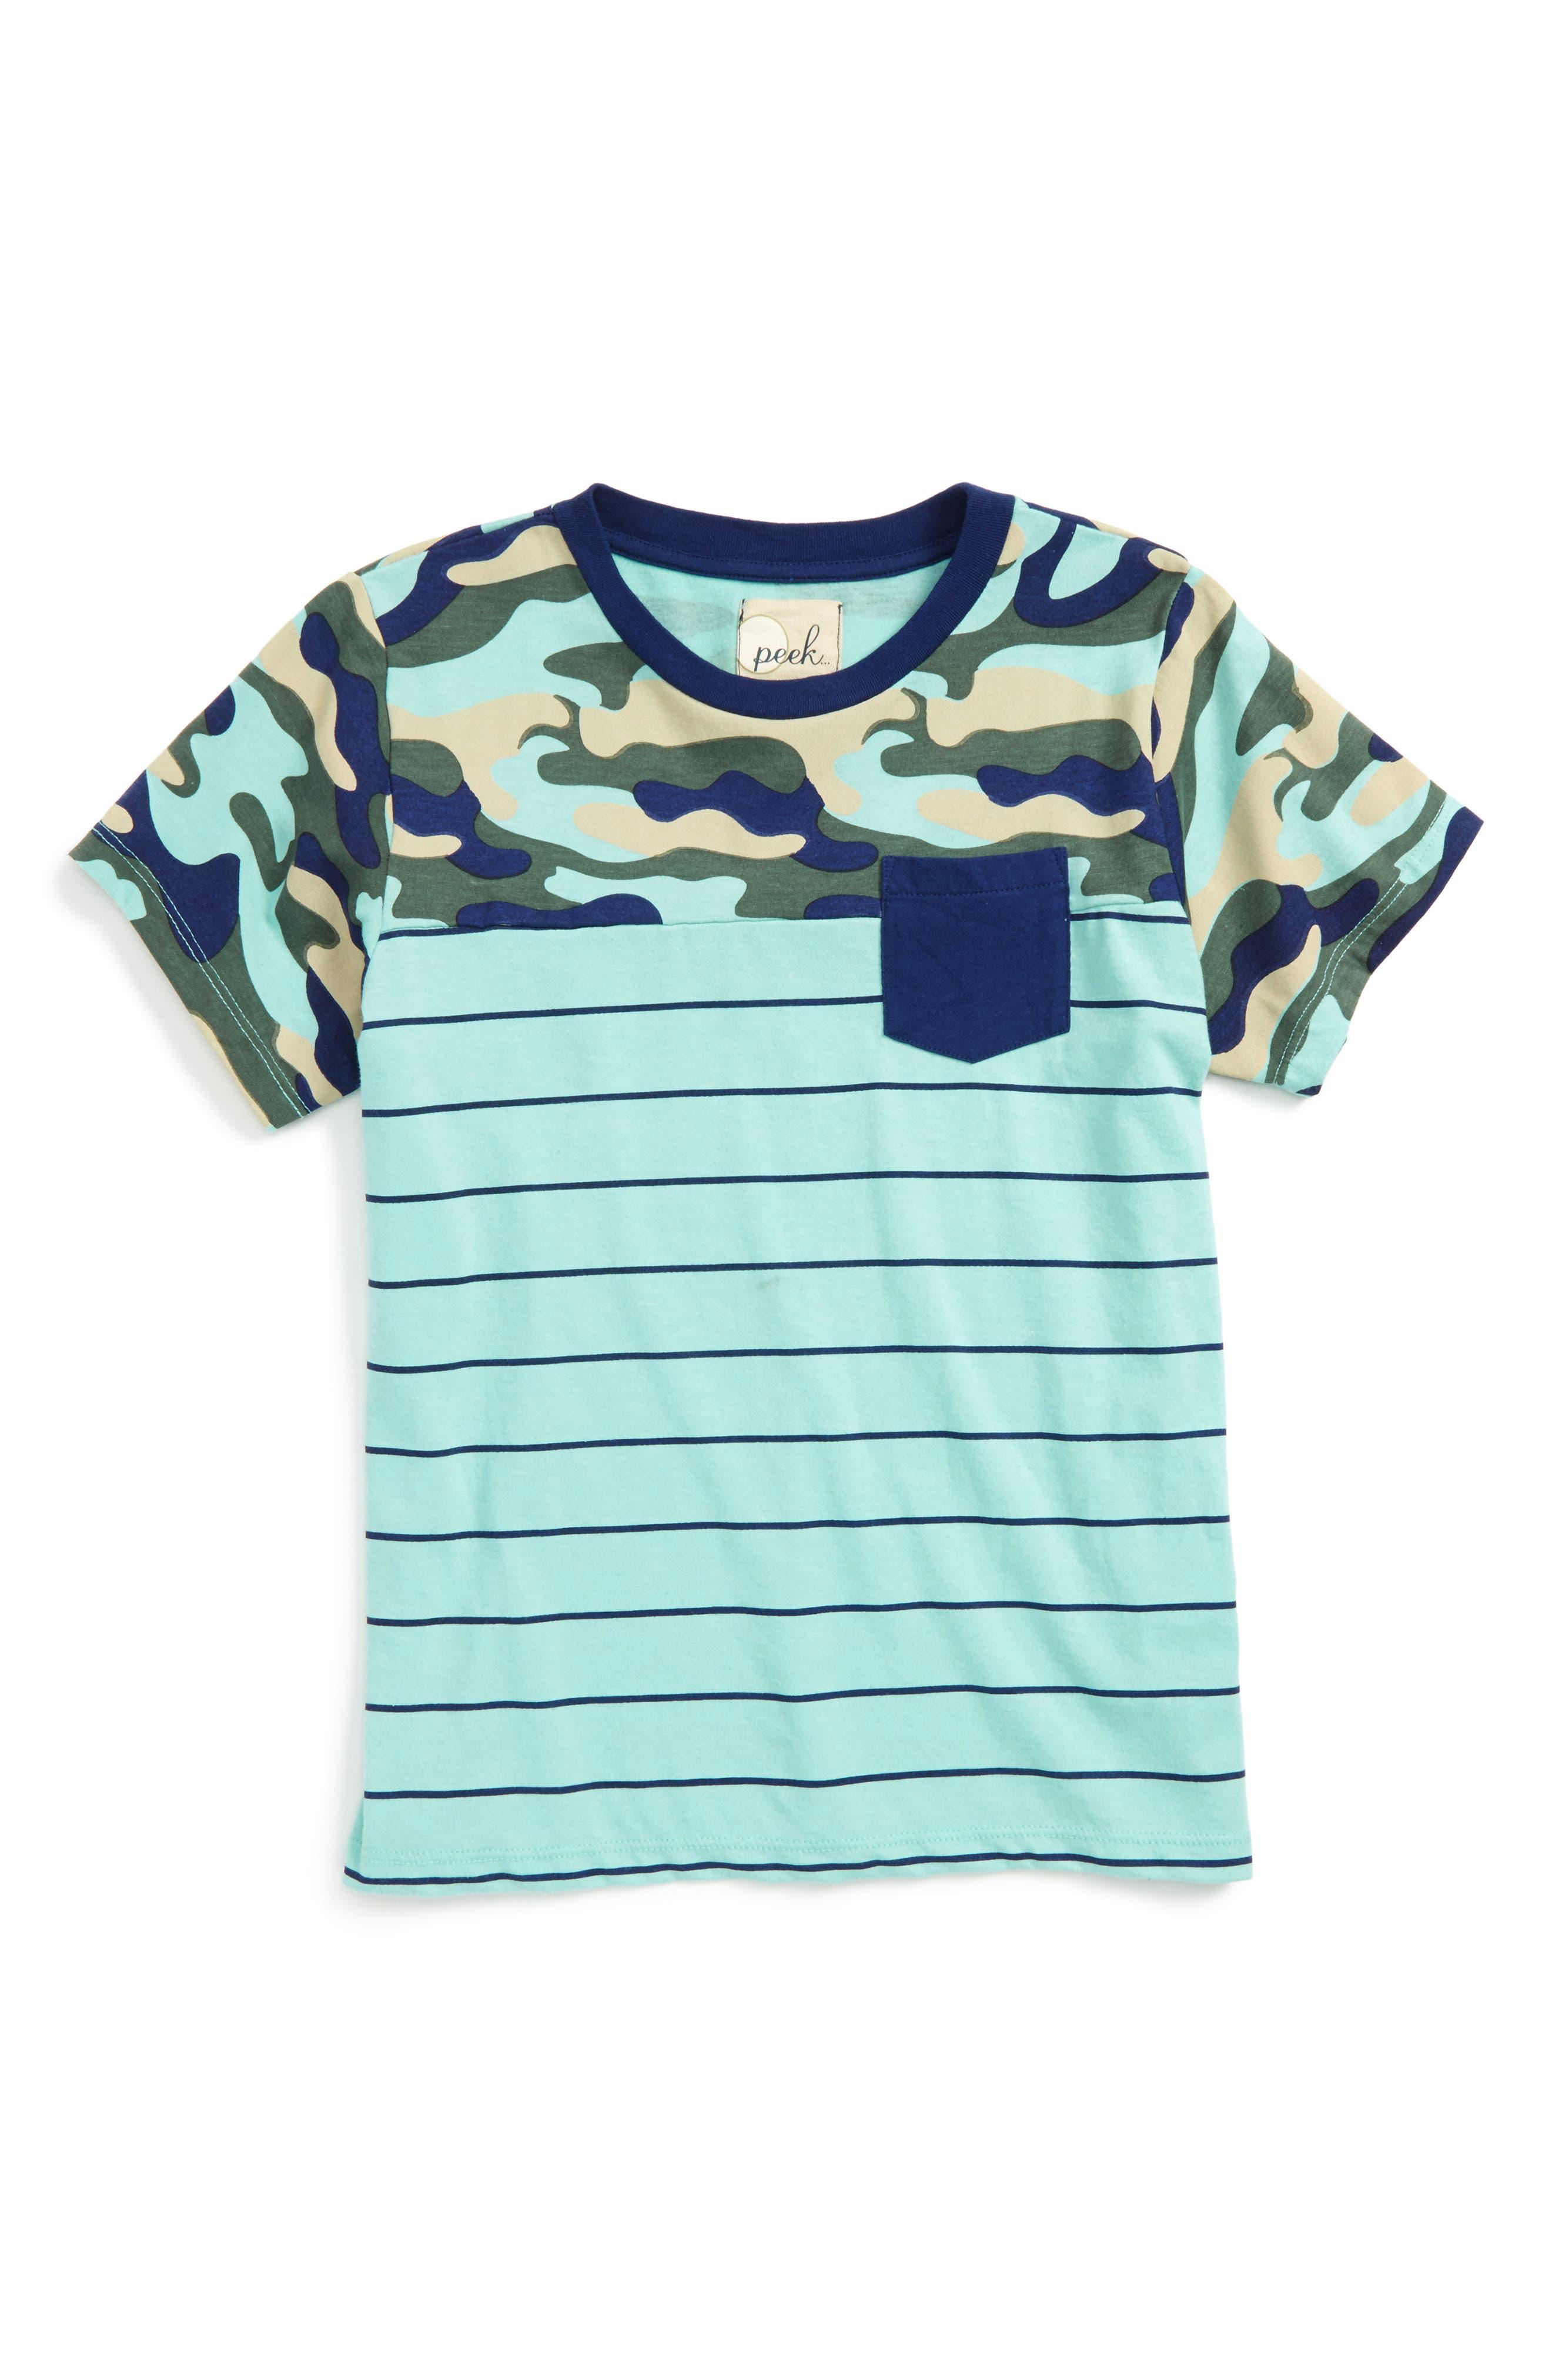 Brett Camo Pocket T-Shirt,                             Main thumbnail 1, color,                             Aqua